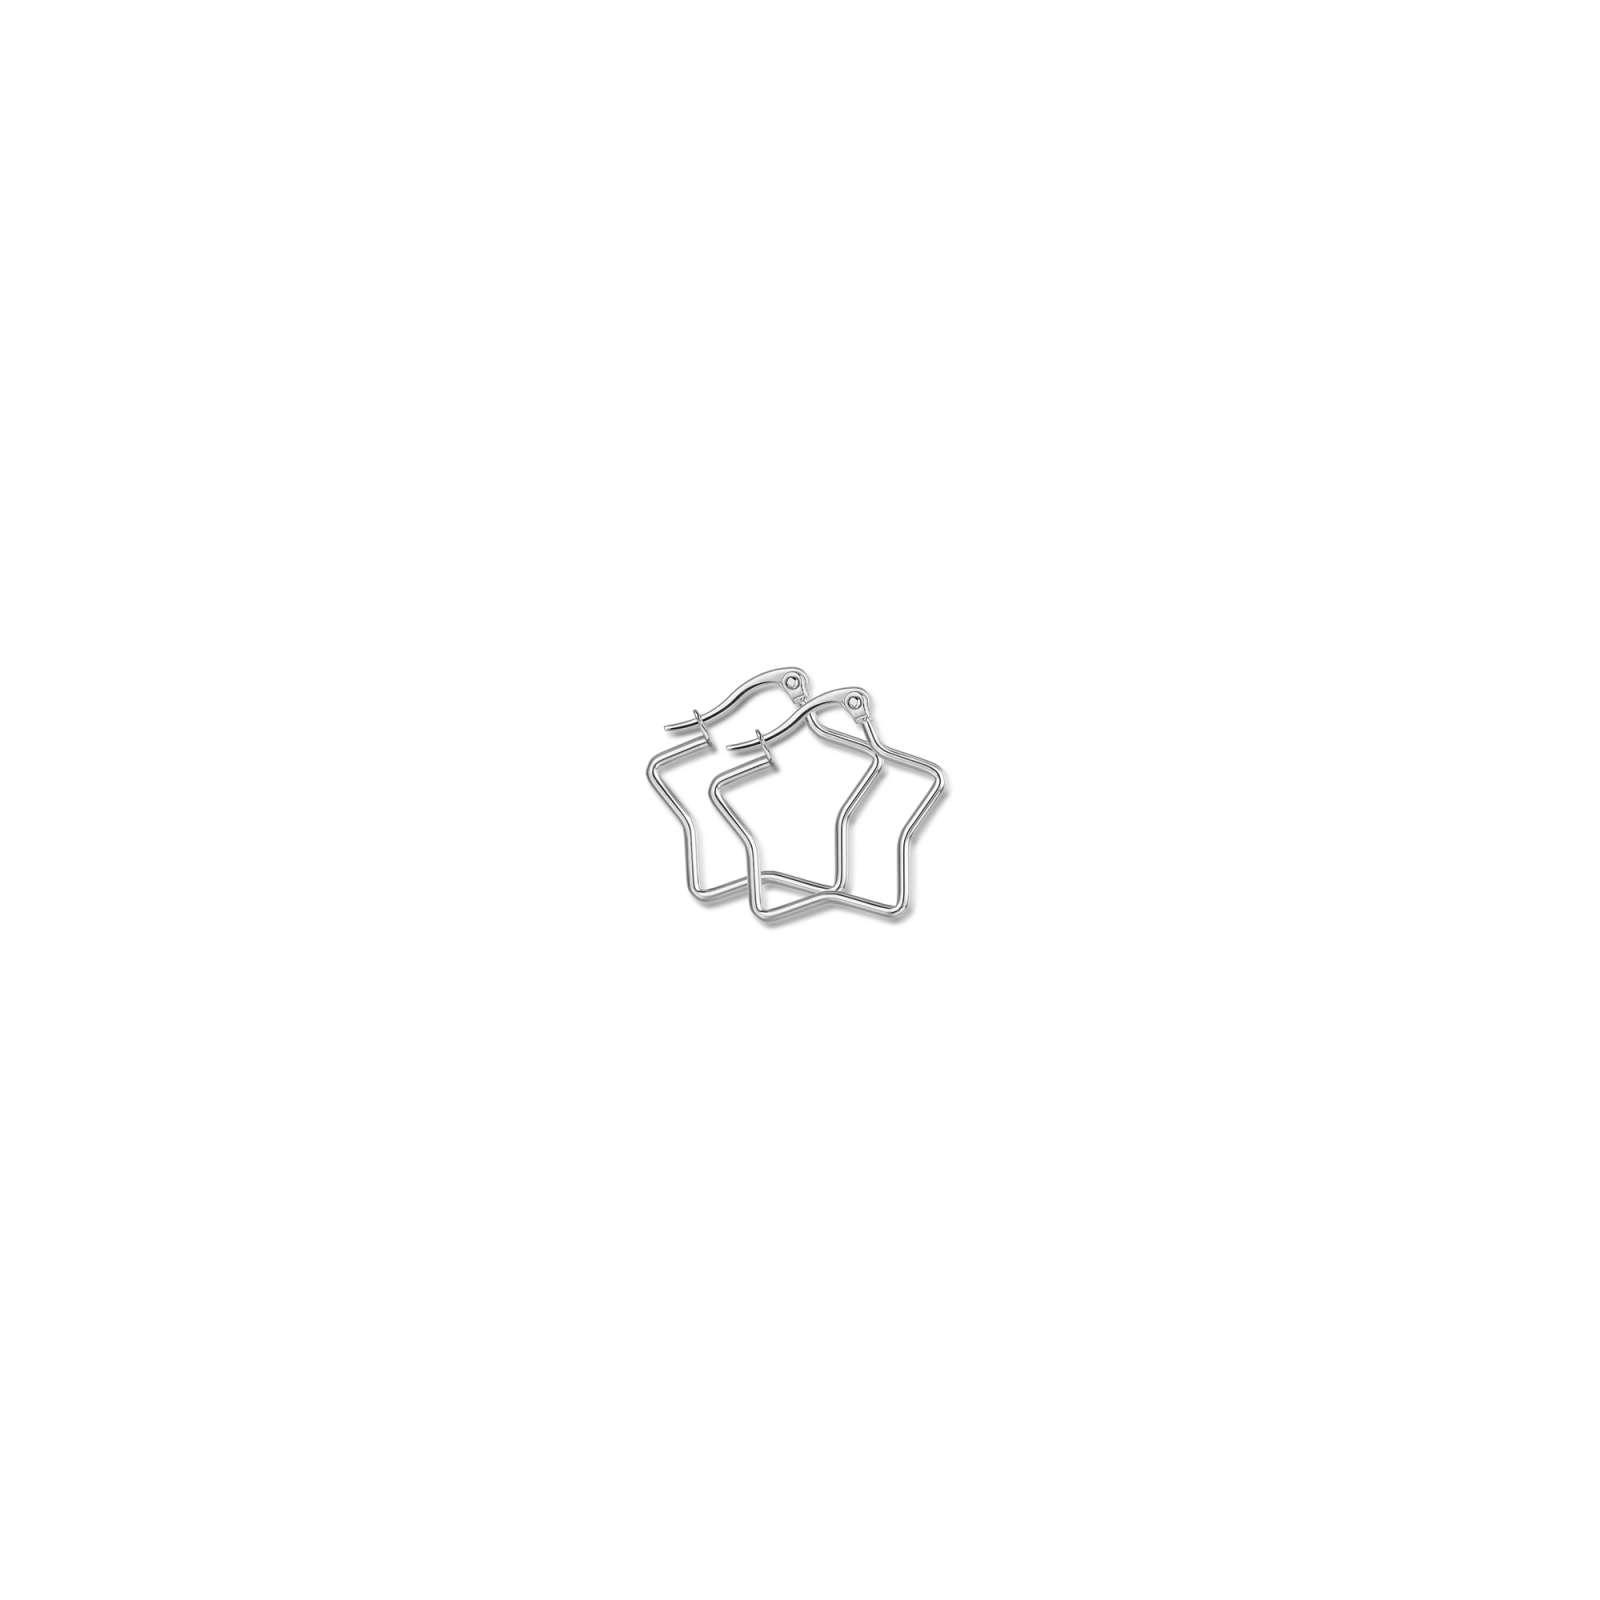 Luca Barra - Orecchini in acciaio a stella diametro 25mm